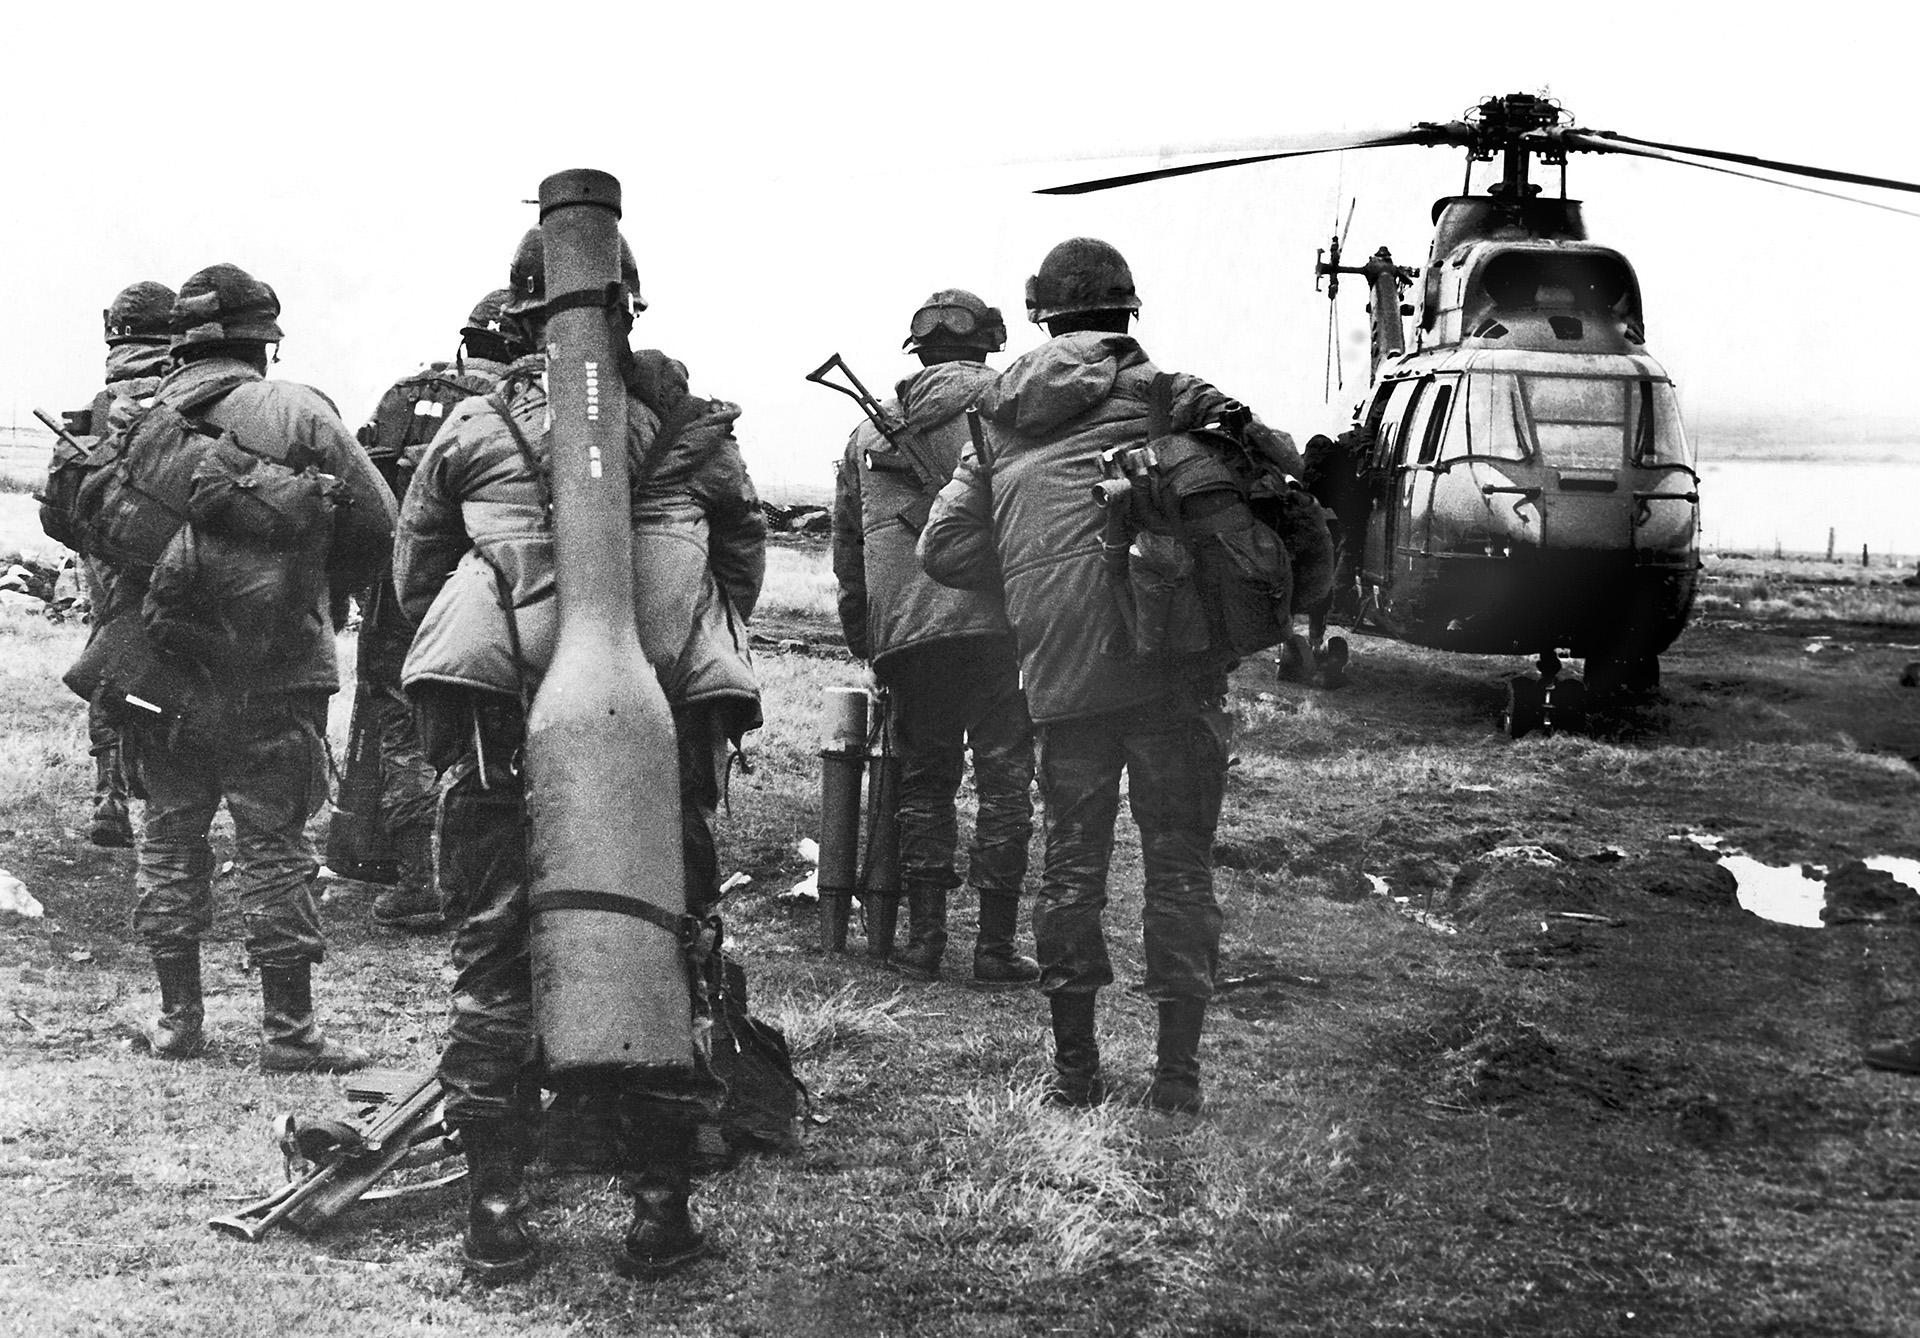 Es mayo de 1982, apenas unos días antes del desembarco birtánico en el estrecho de San Carlos. Una unidad de comandos de la Compañía 601, al mando del mayor Mario Castagneto, aborda un helicóptero para controlar los alrededores del estrecho. Uno de los comandos carga en su espalda un misil tierra-aire Blow Pipe con el que fueron derribados varios aviones y helicópteros ingleses. (Foto: Eduardo Farré)